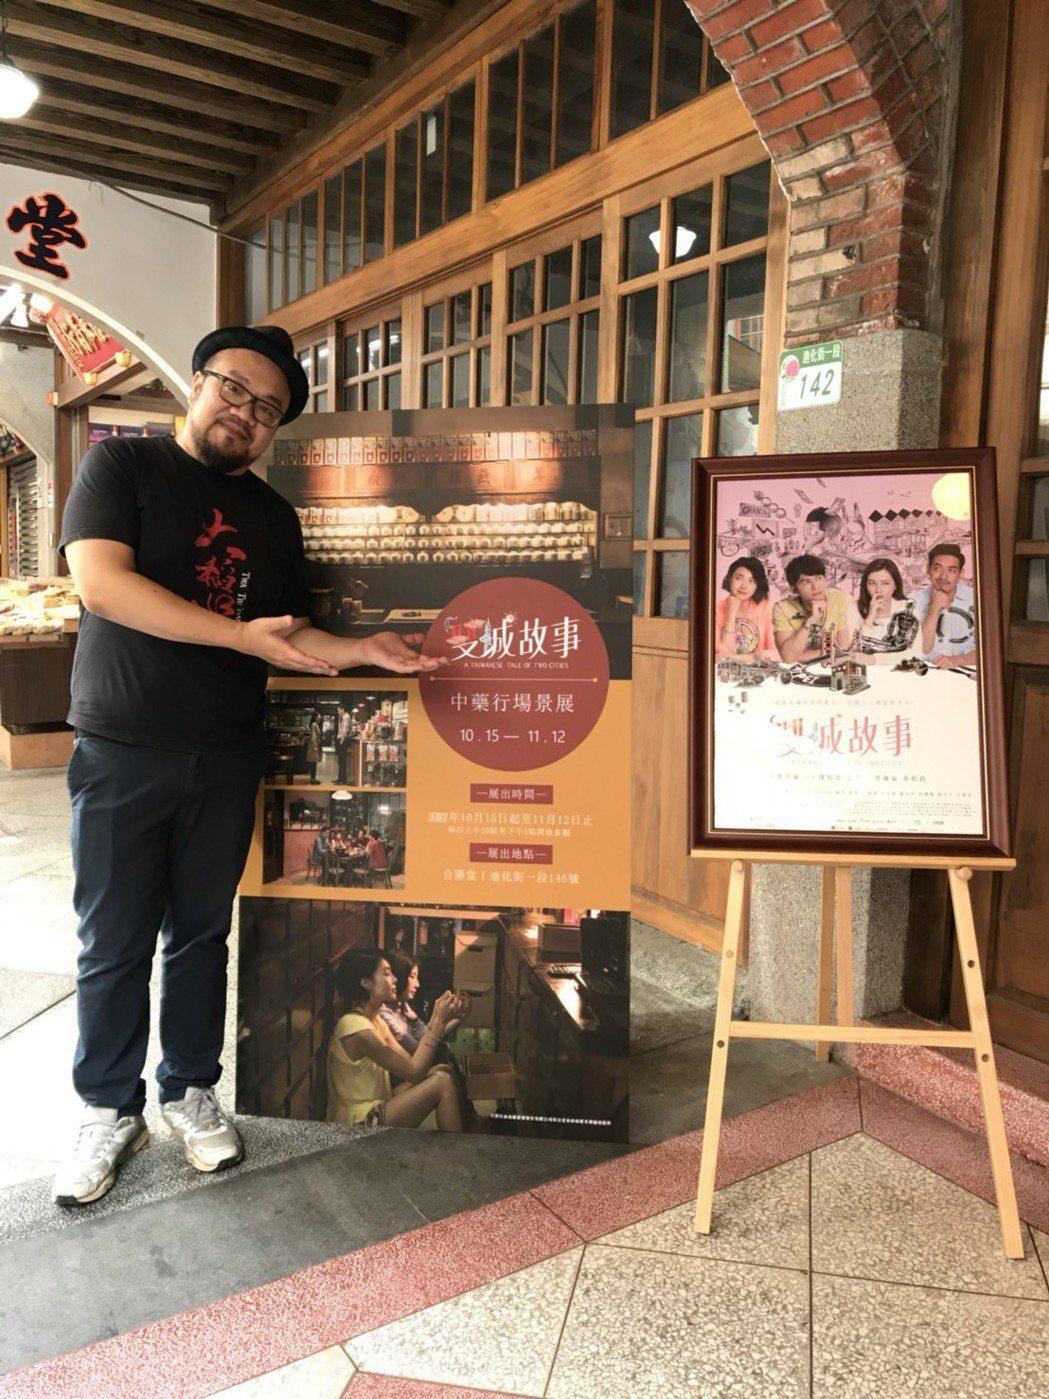 導演葉天倫揭曉「雙城故事」主要場景展。圖/青睞影視提供